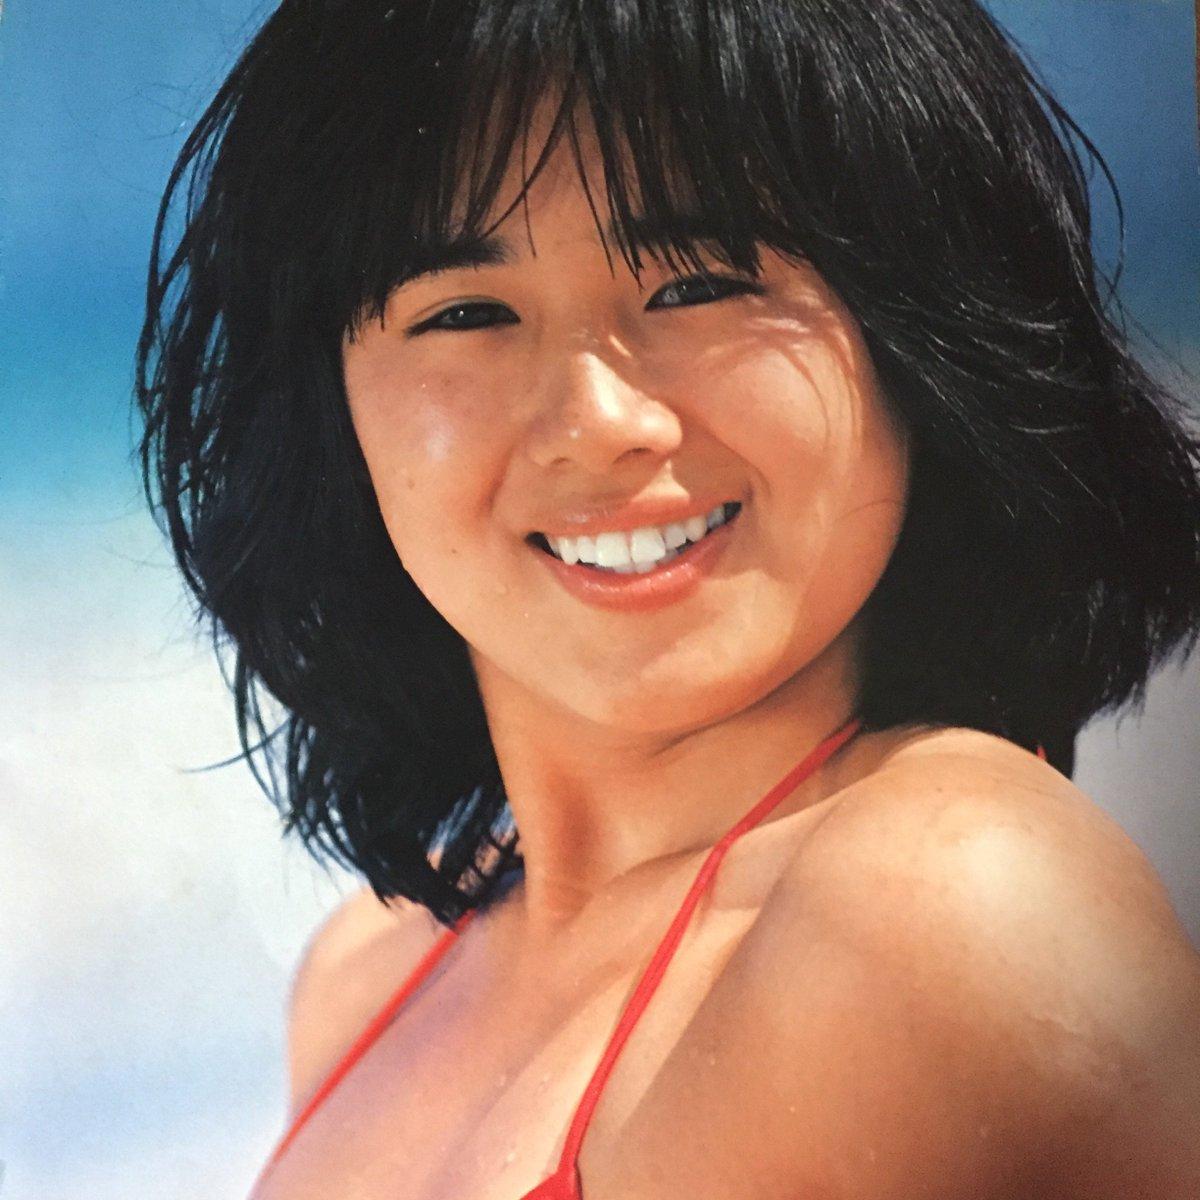 80年代アイドル 水着 林紀恵の1atアルバム「トロピカルジャンプ」の歌詞カードは水着写の真集になっています。80年アイドルの中でも、これだけ力を入れて作られたアルバムはそうそう無いと  ...